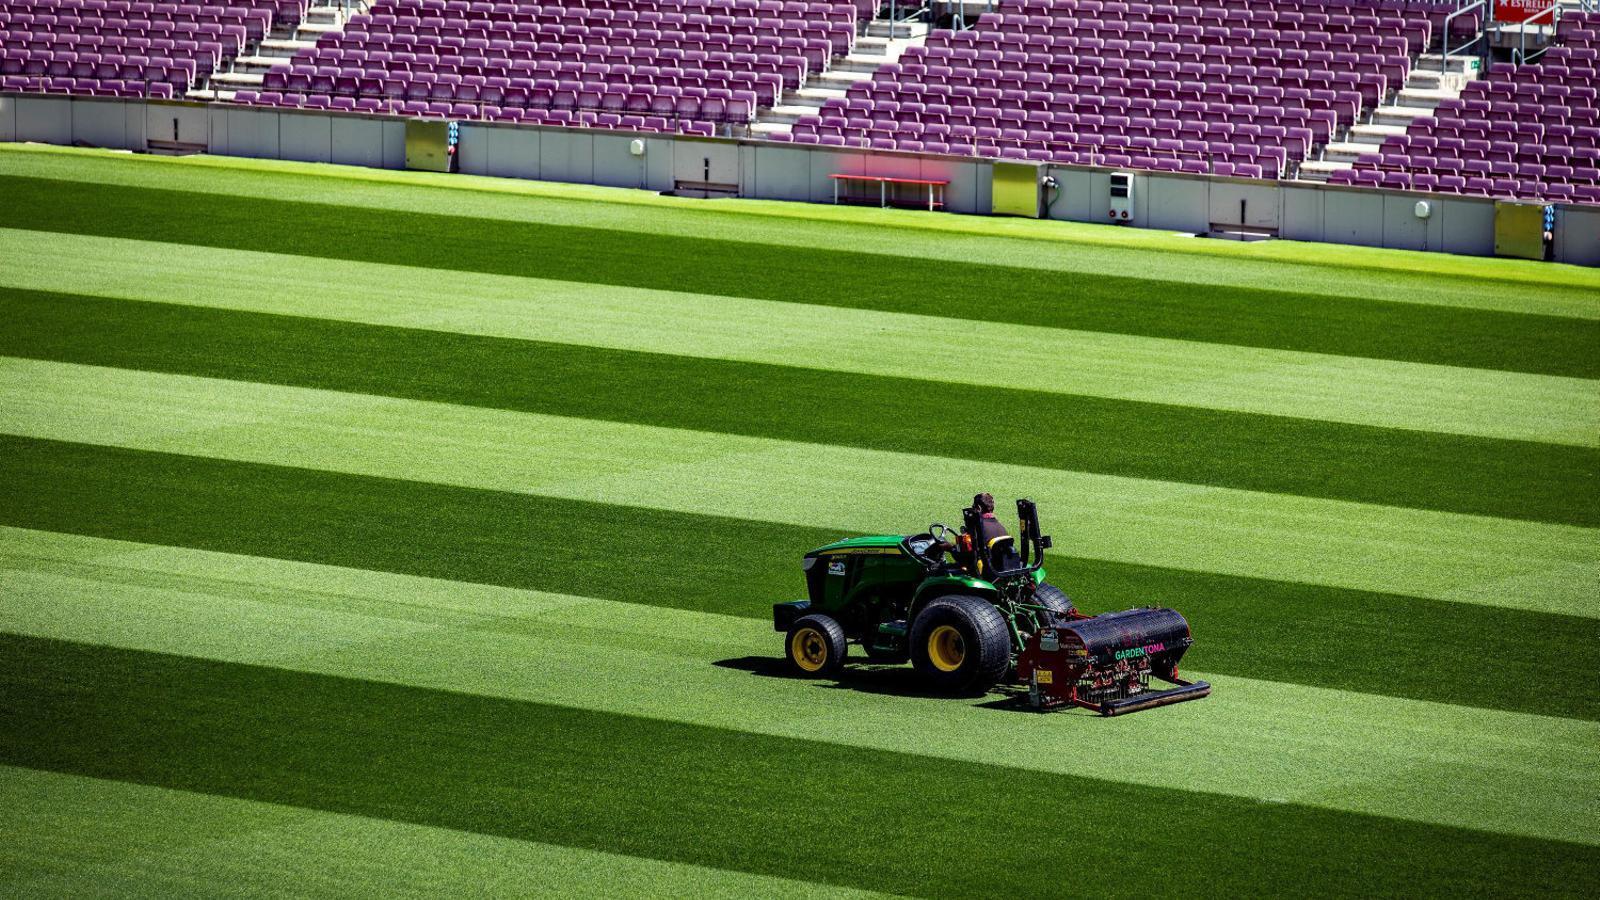 Cuidadors supervisant la gespa del Camp Nou, on fa temps que no es juga cap partit.